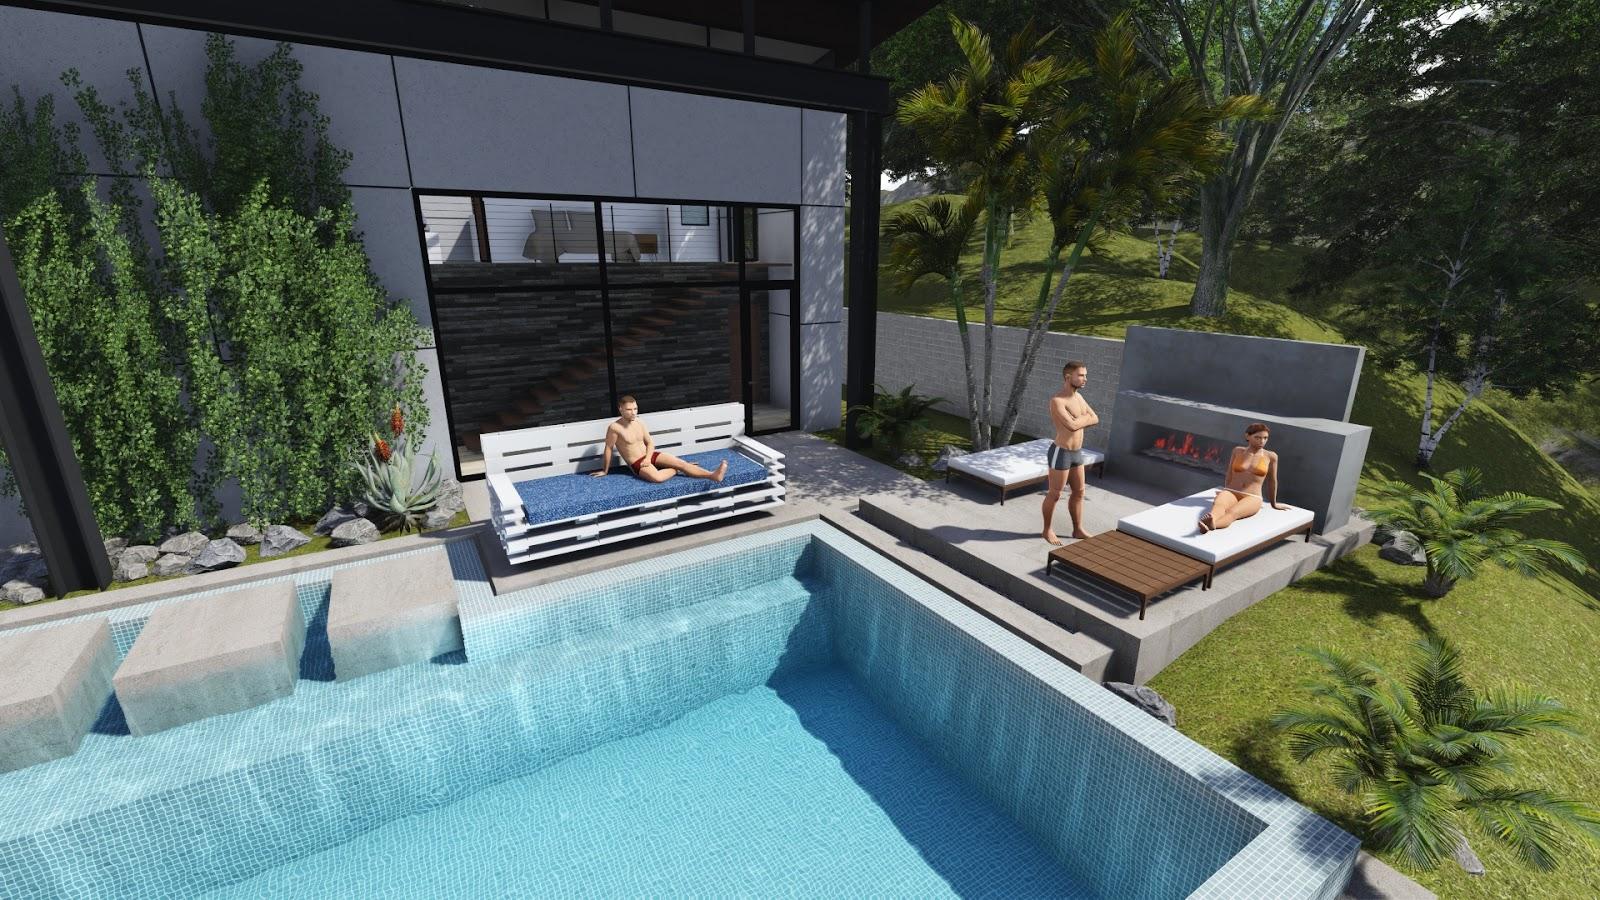 Top Progettare spazi verdi: Come costruire un divano con i pallet  LN95